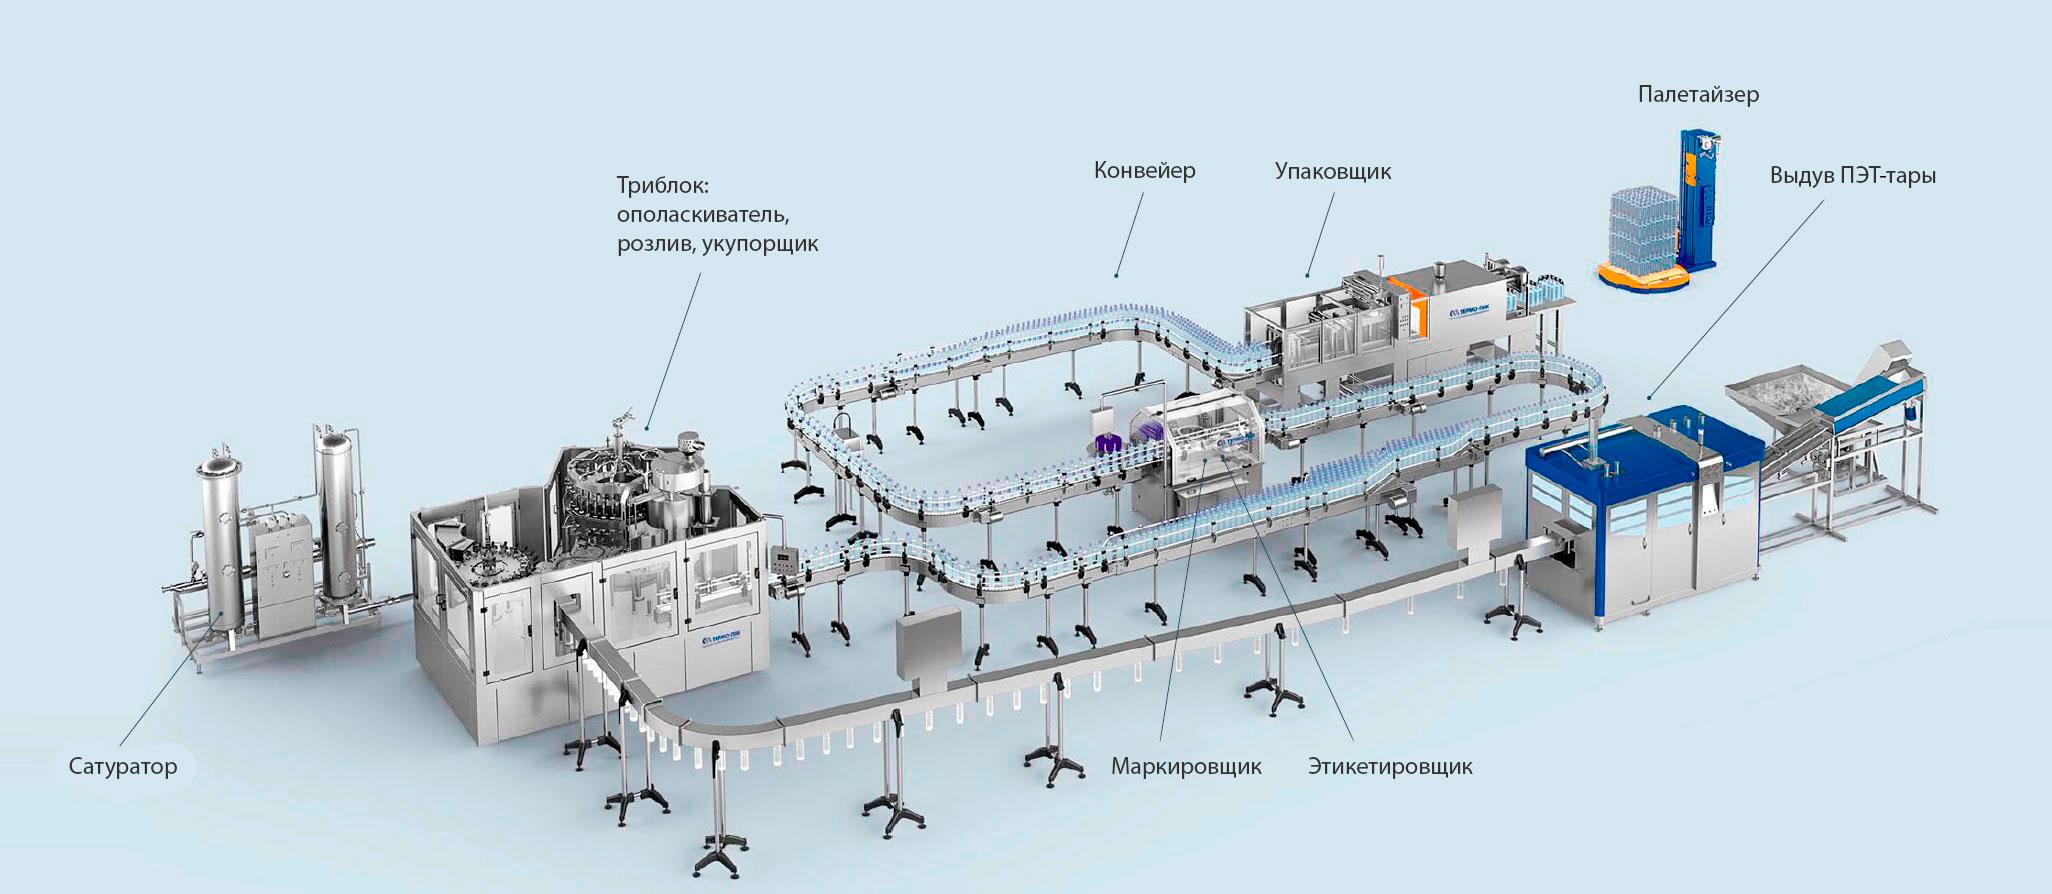 В Украине стали делать больше газировки - Экономика